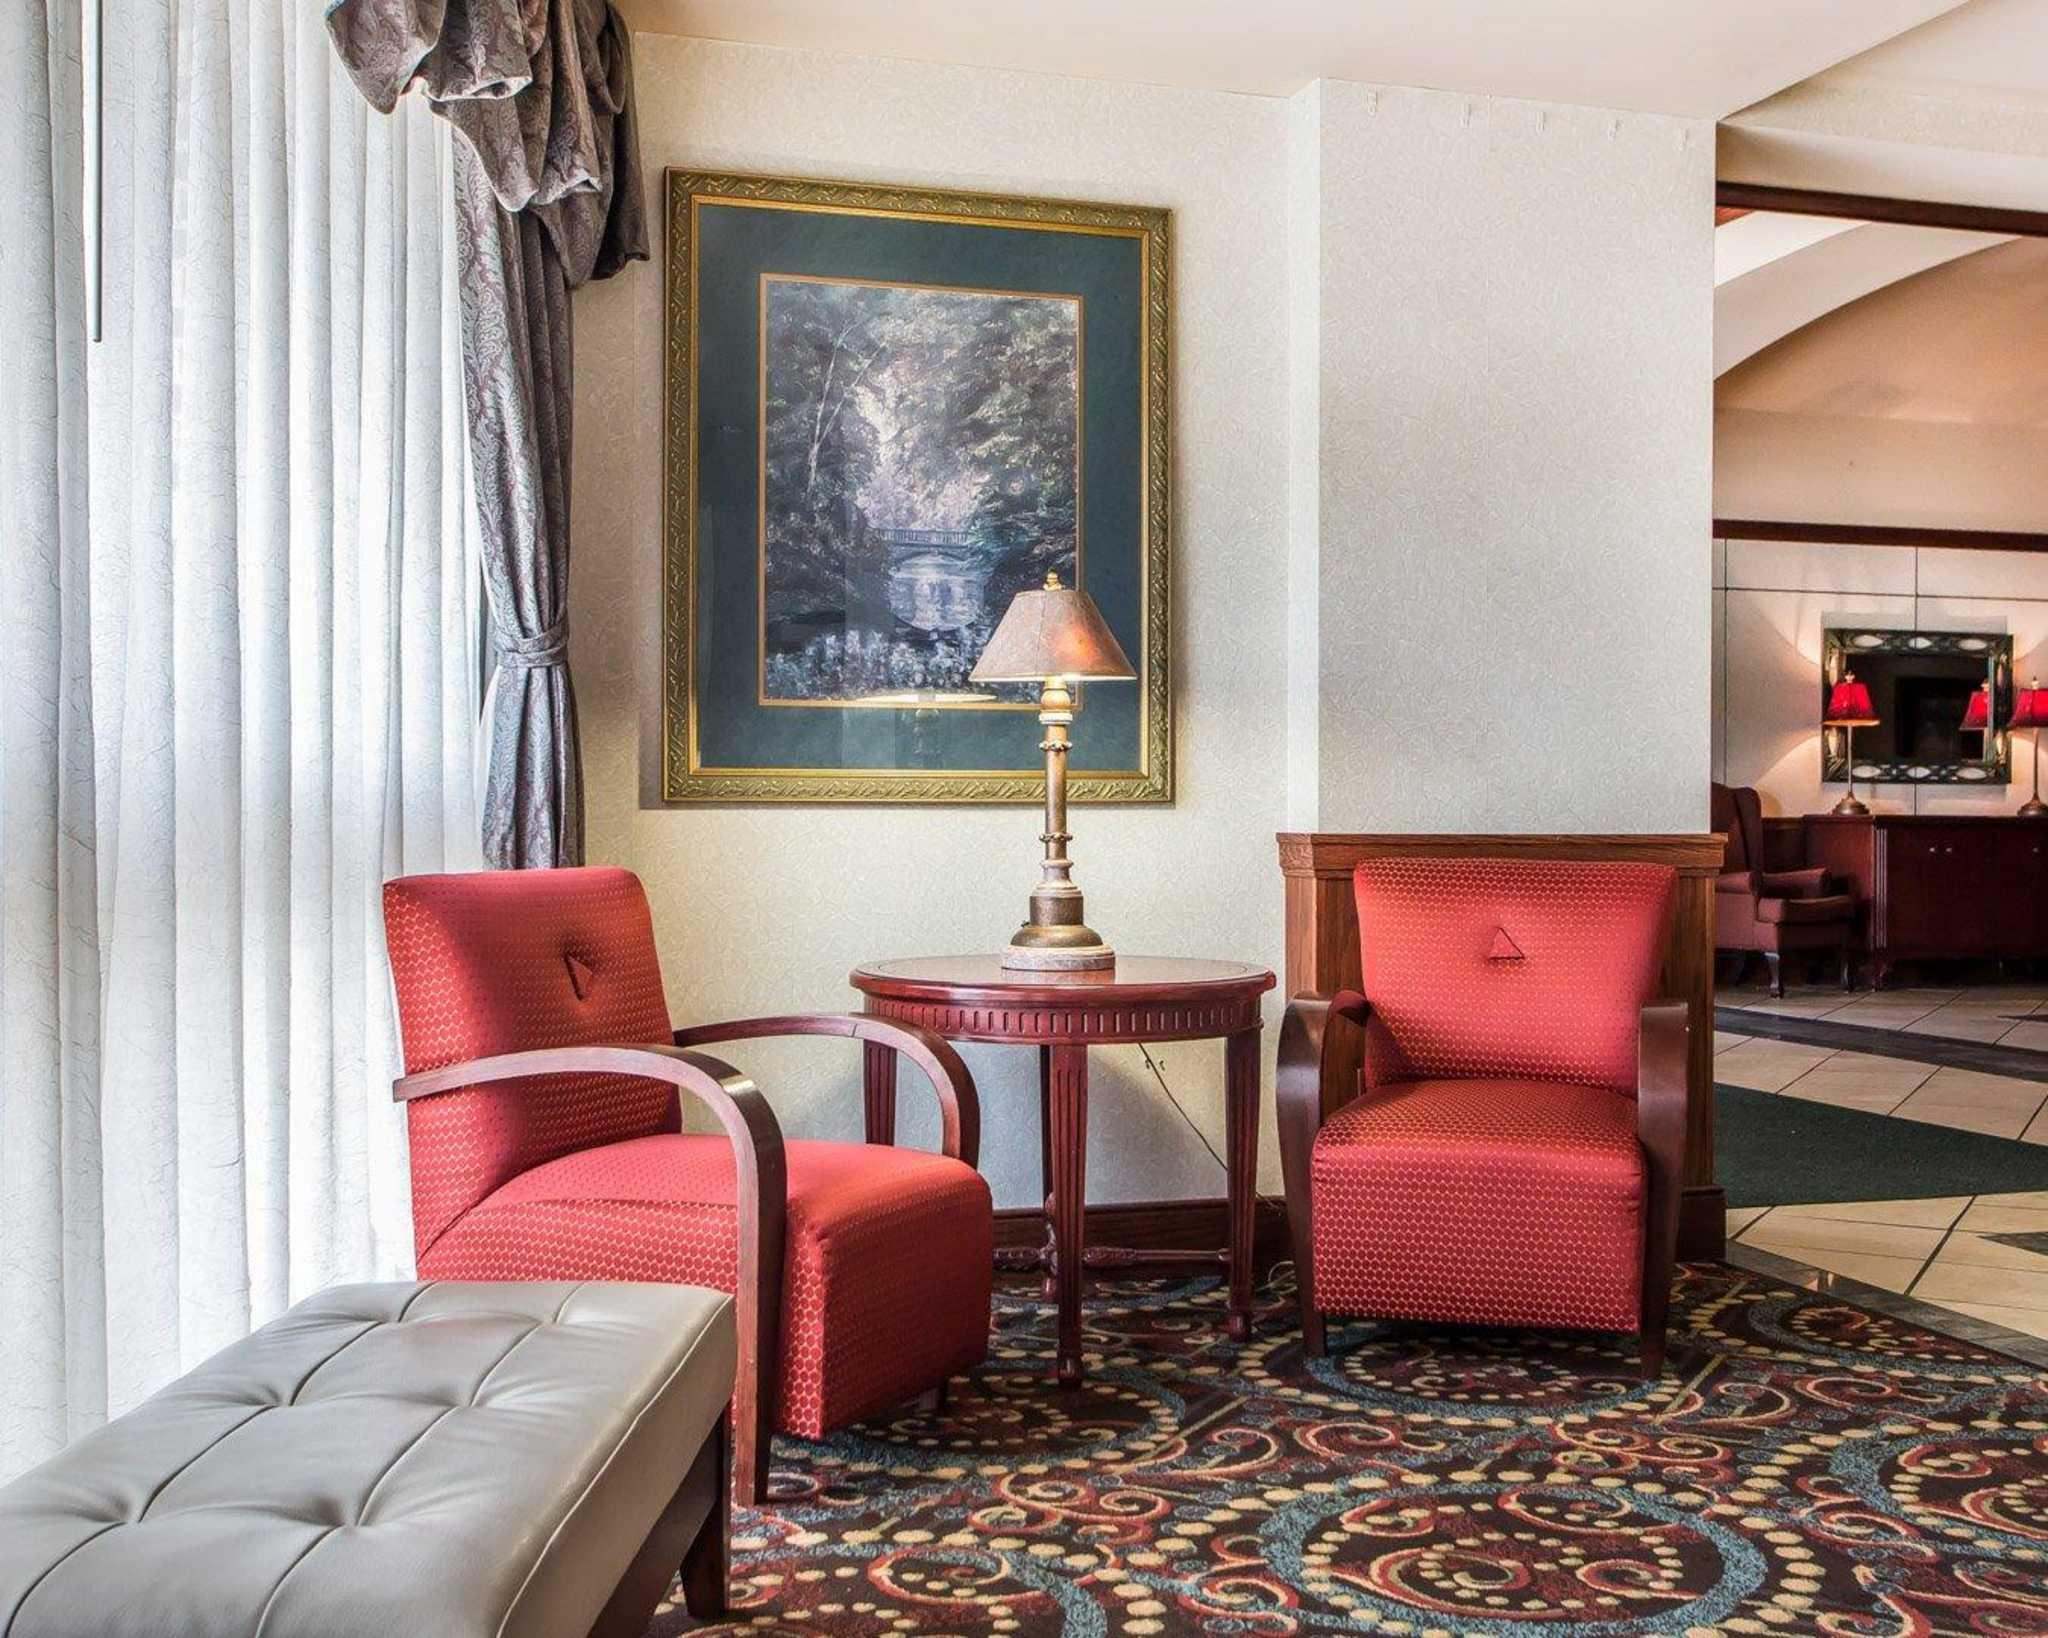 Clarion Hotel Highlander Conference Center image 16